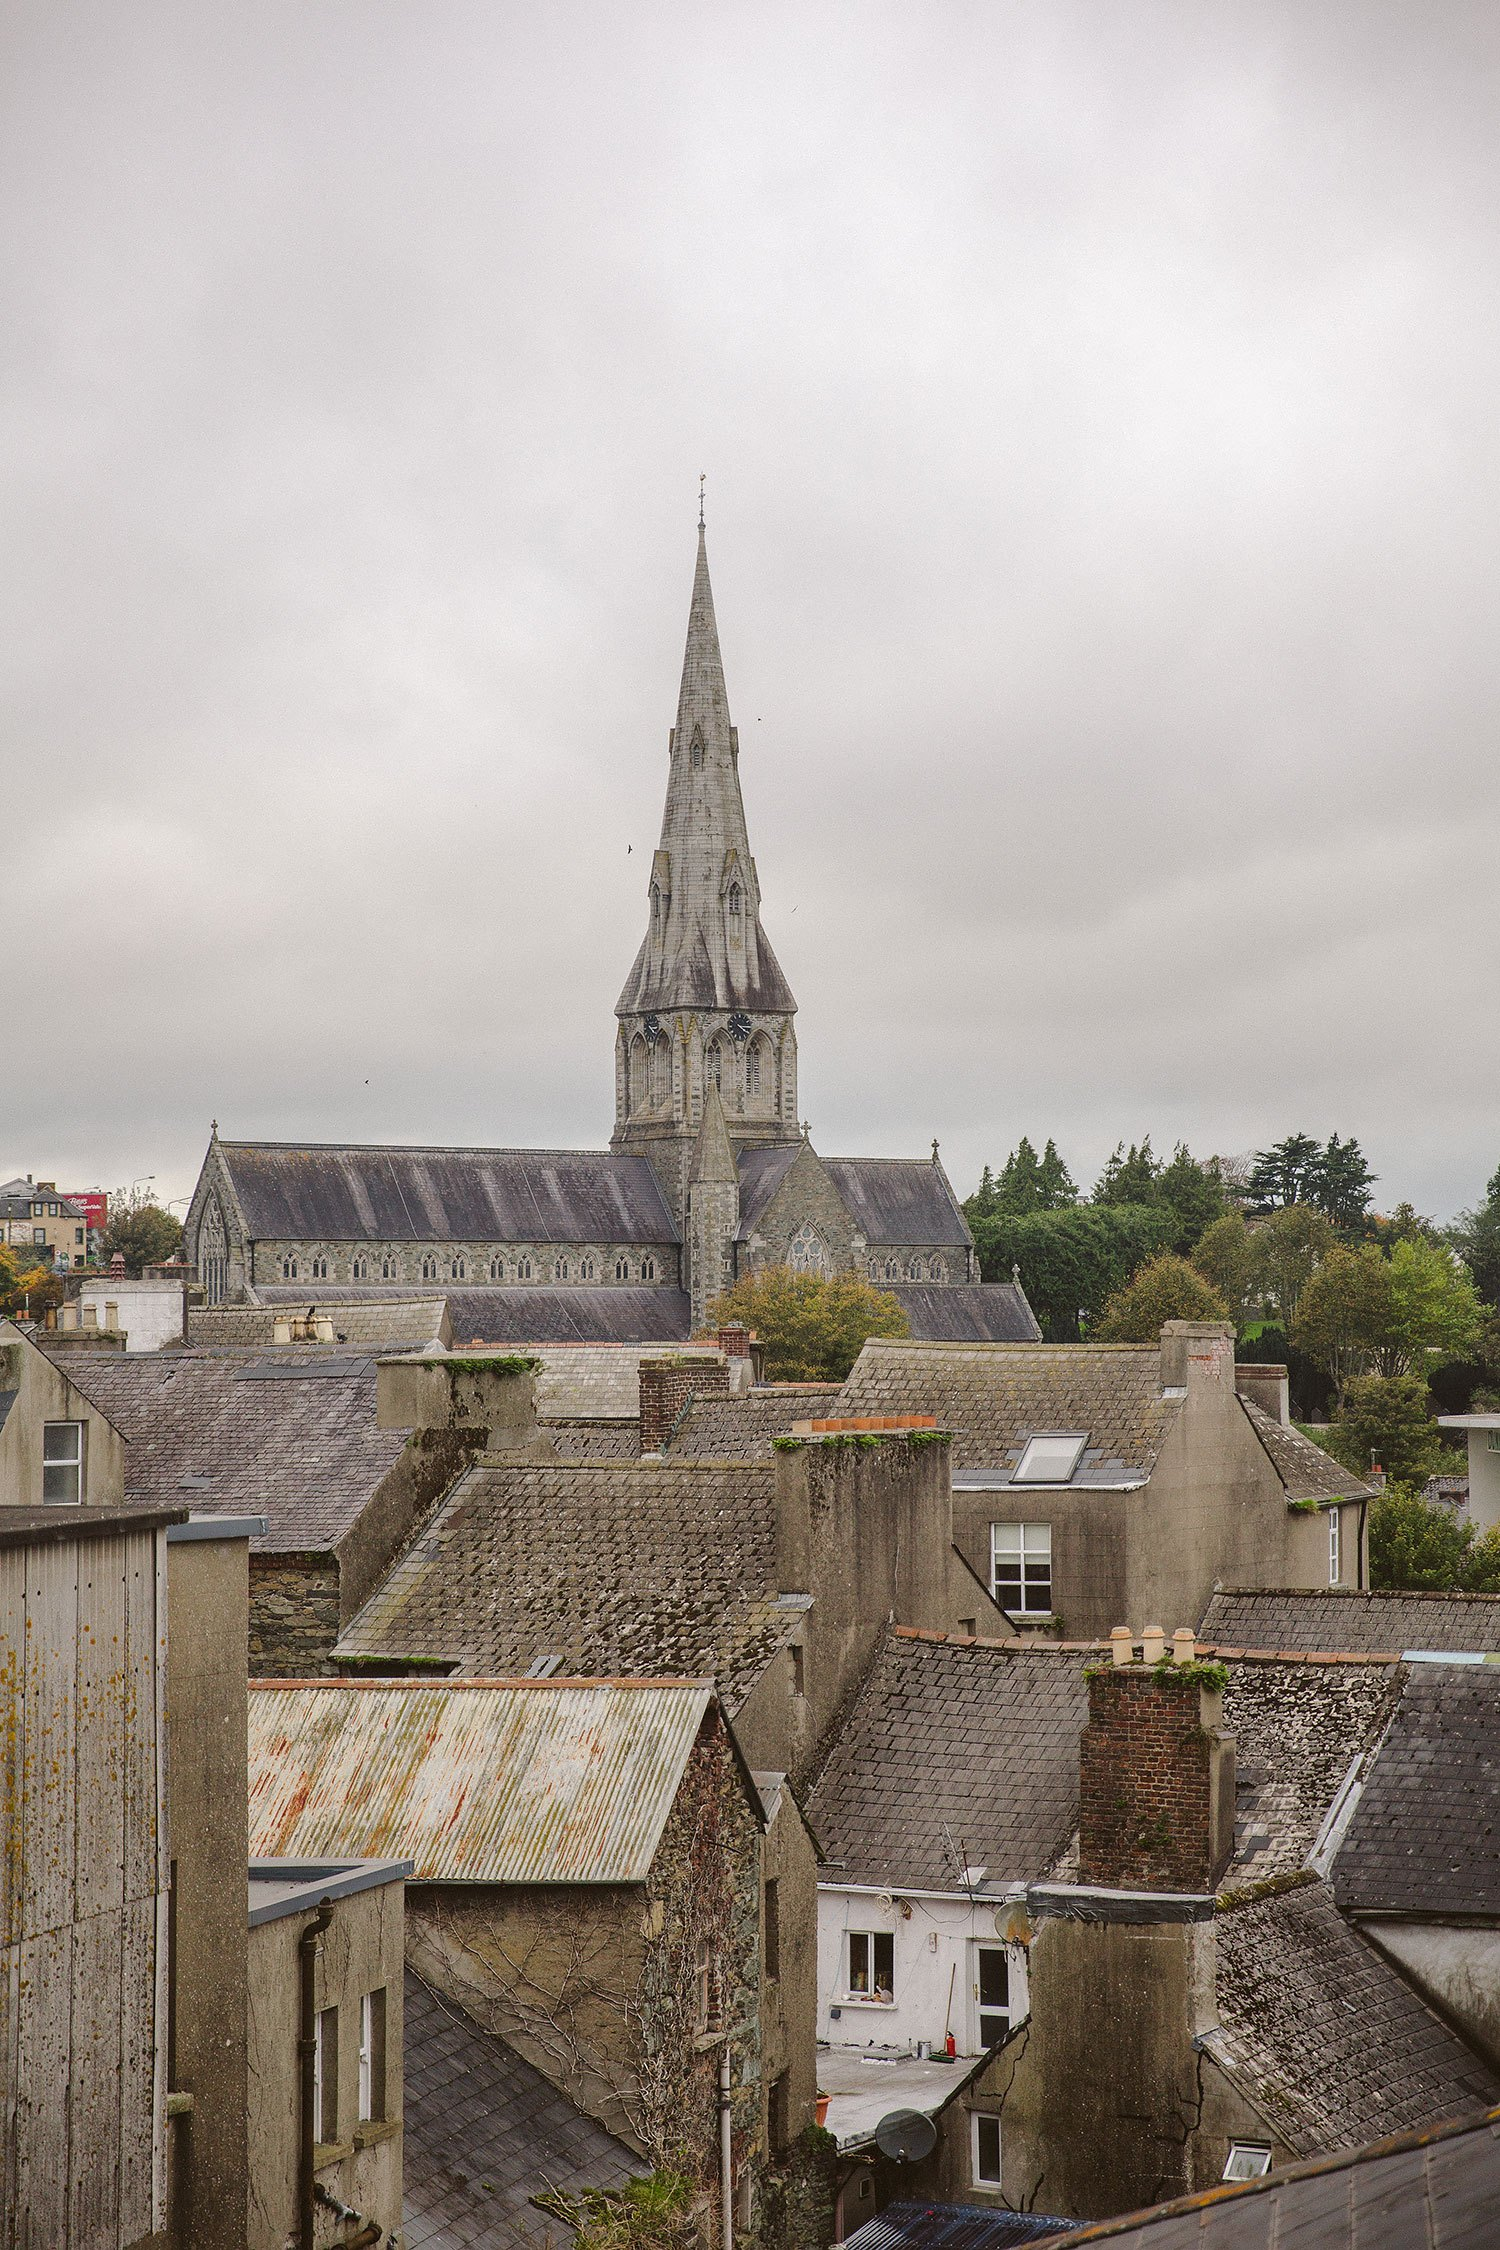 enniscorthy in county wexford ireland